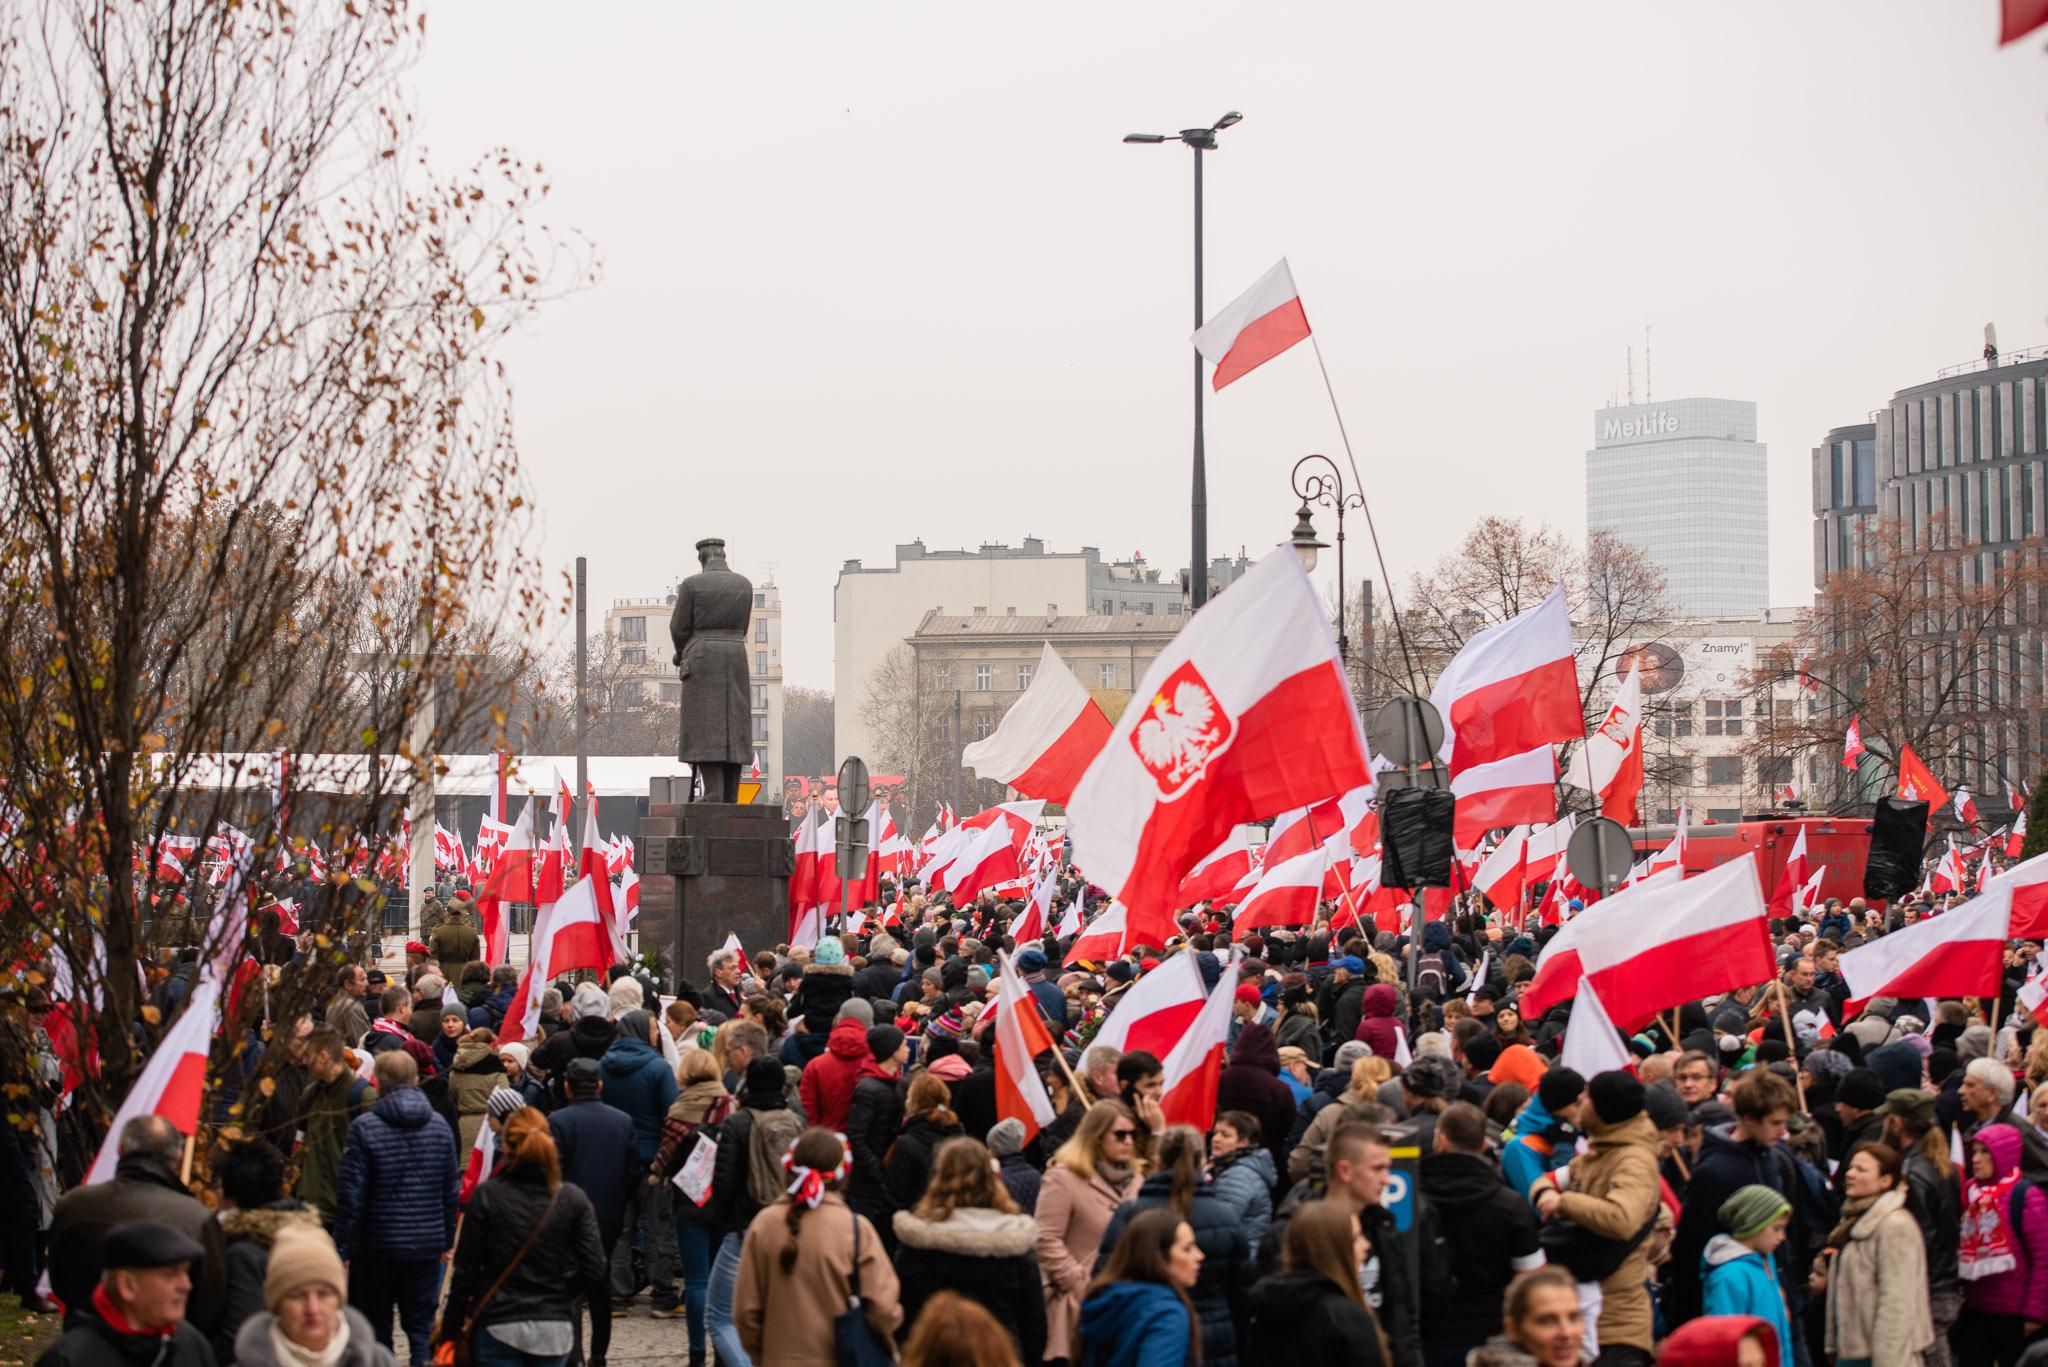 толпа людей с польскими национальными флагами, на заднем плане памятник маршалу Юзефу Пилсудскому